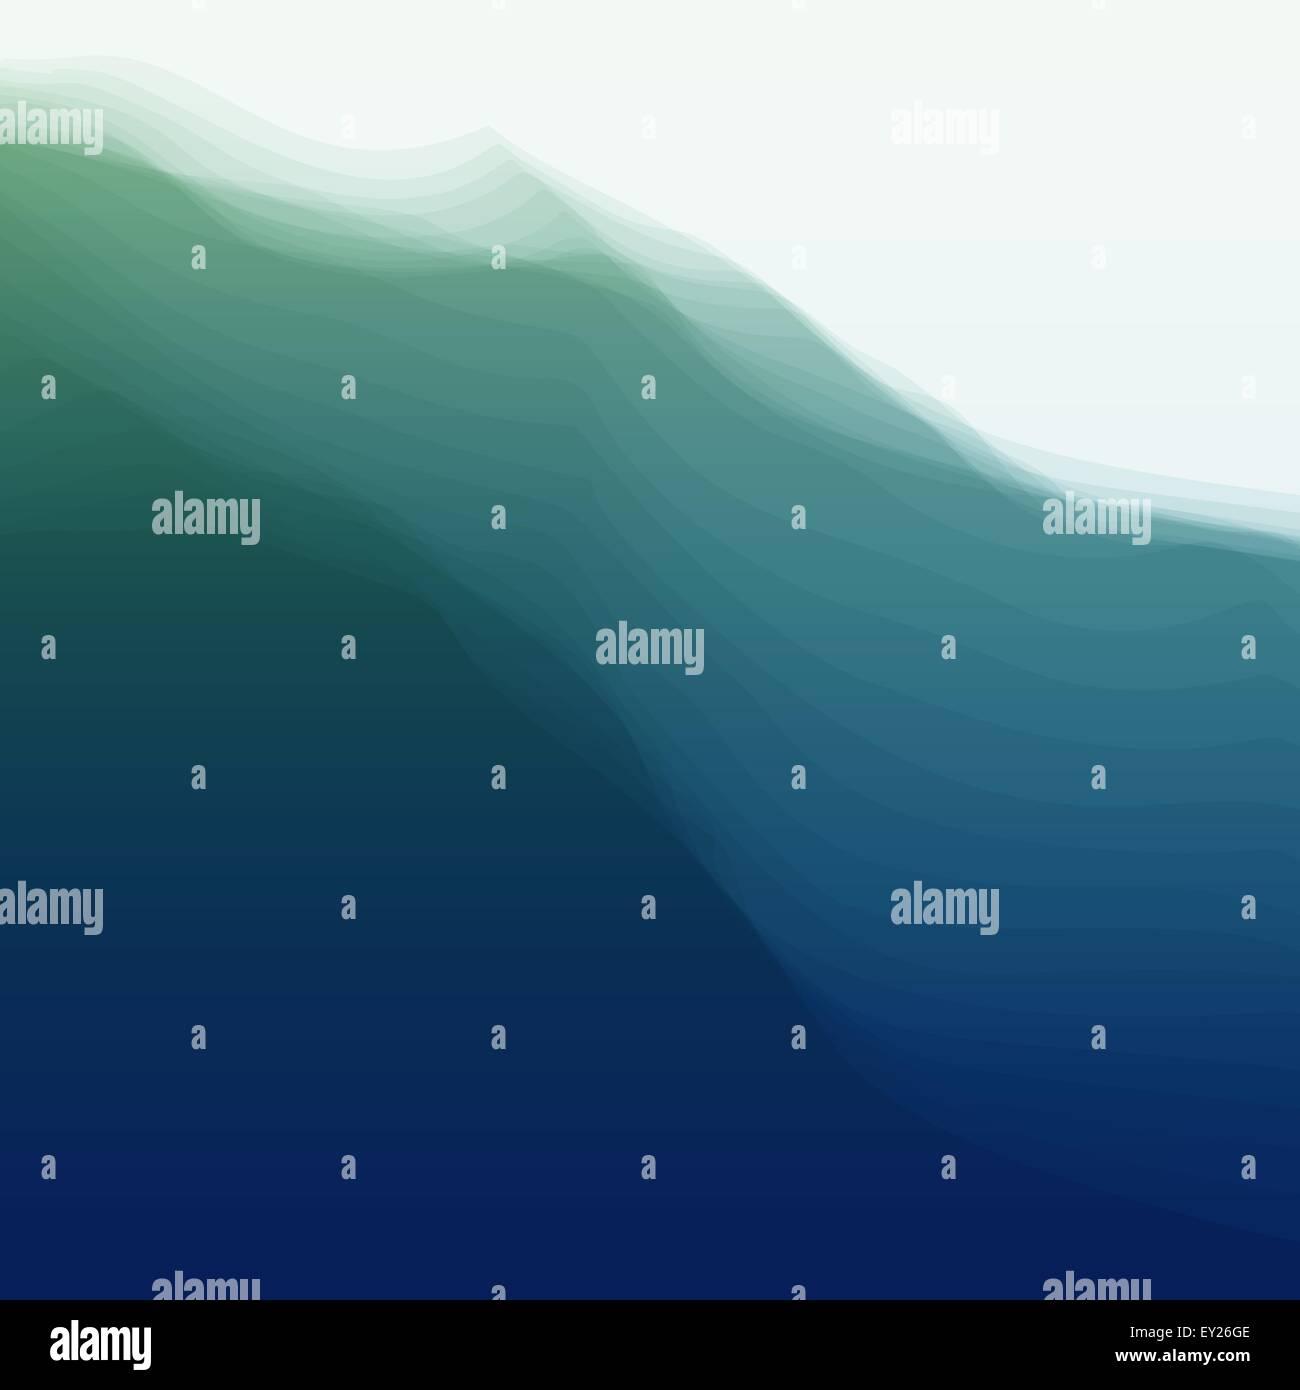 Wasserwelle. Vektor-Illustration für Ihr Design. Stockbild